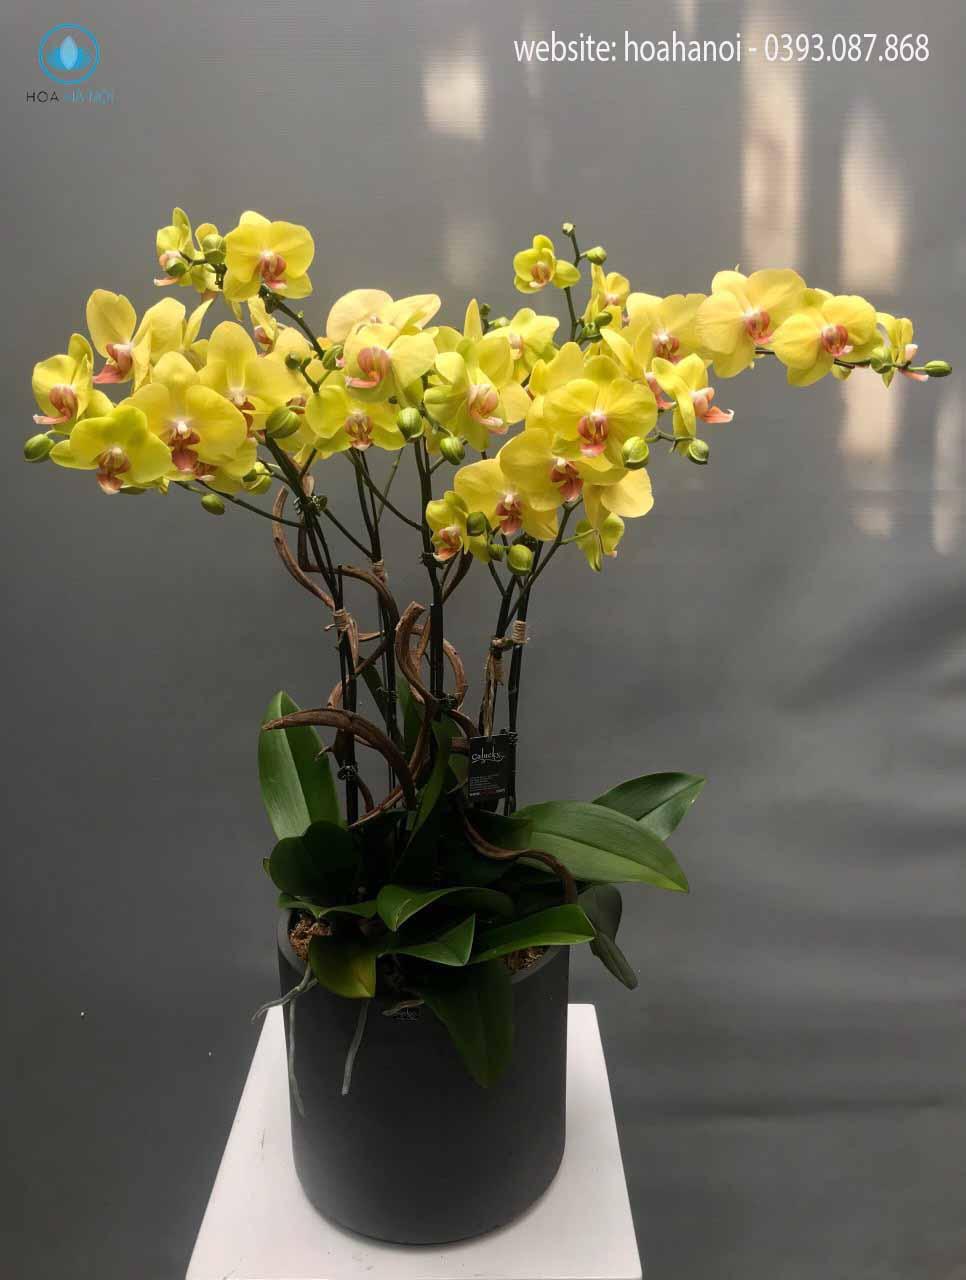 Một số mẫu hoa lan hồ điệp của điện hoaNga's Flower 11